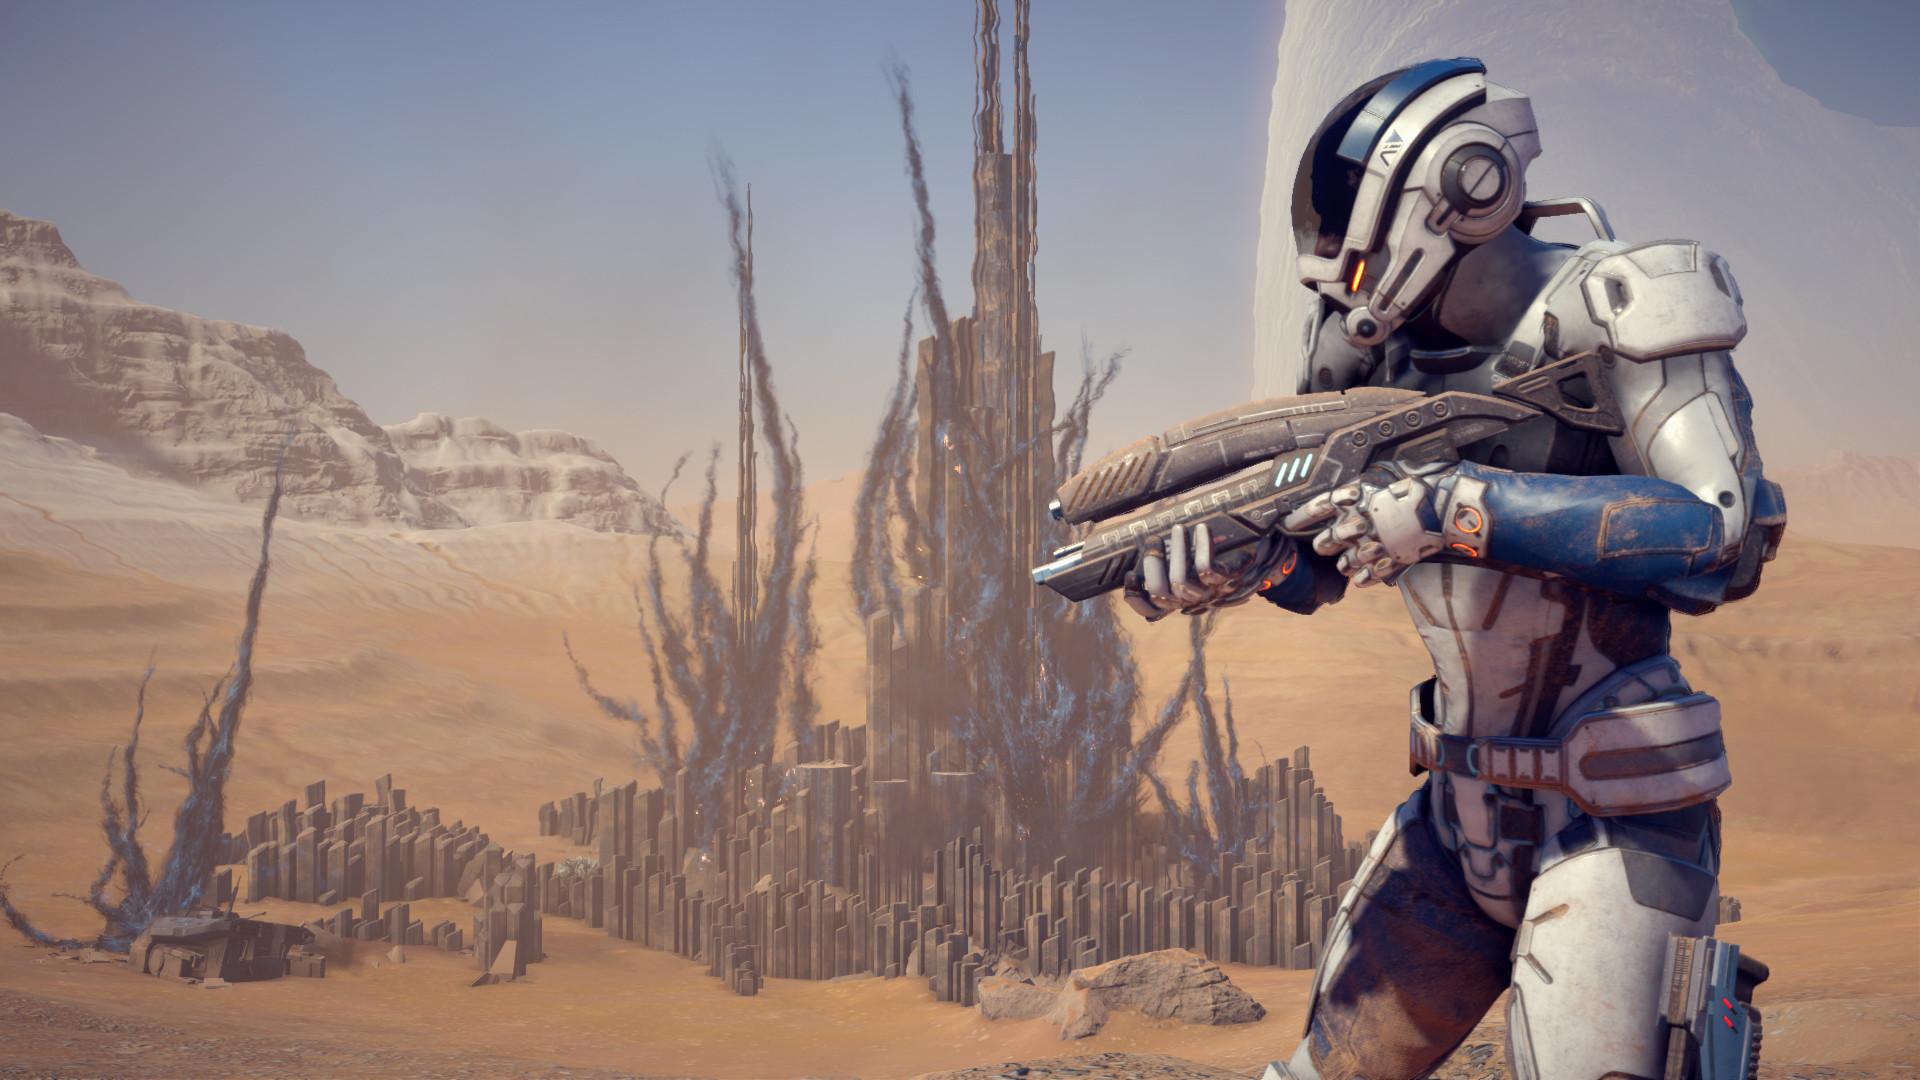 tmp 6893 eu3Yevq 786797865 N7 Day: Mass Effect Andromeda Screenshots Released